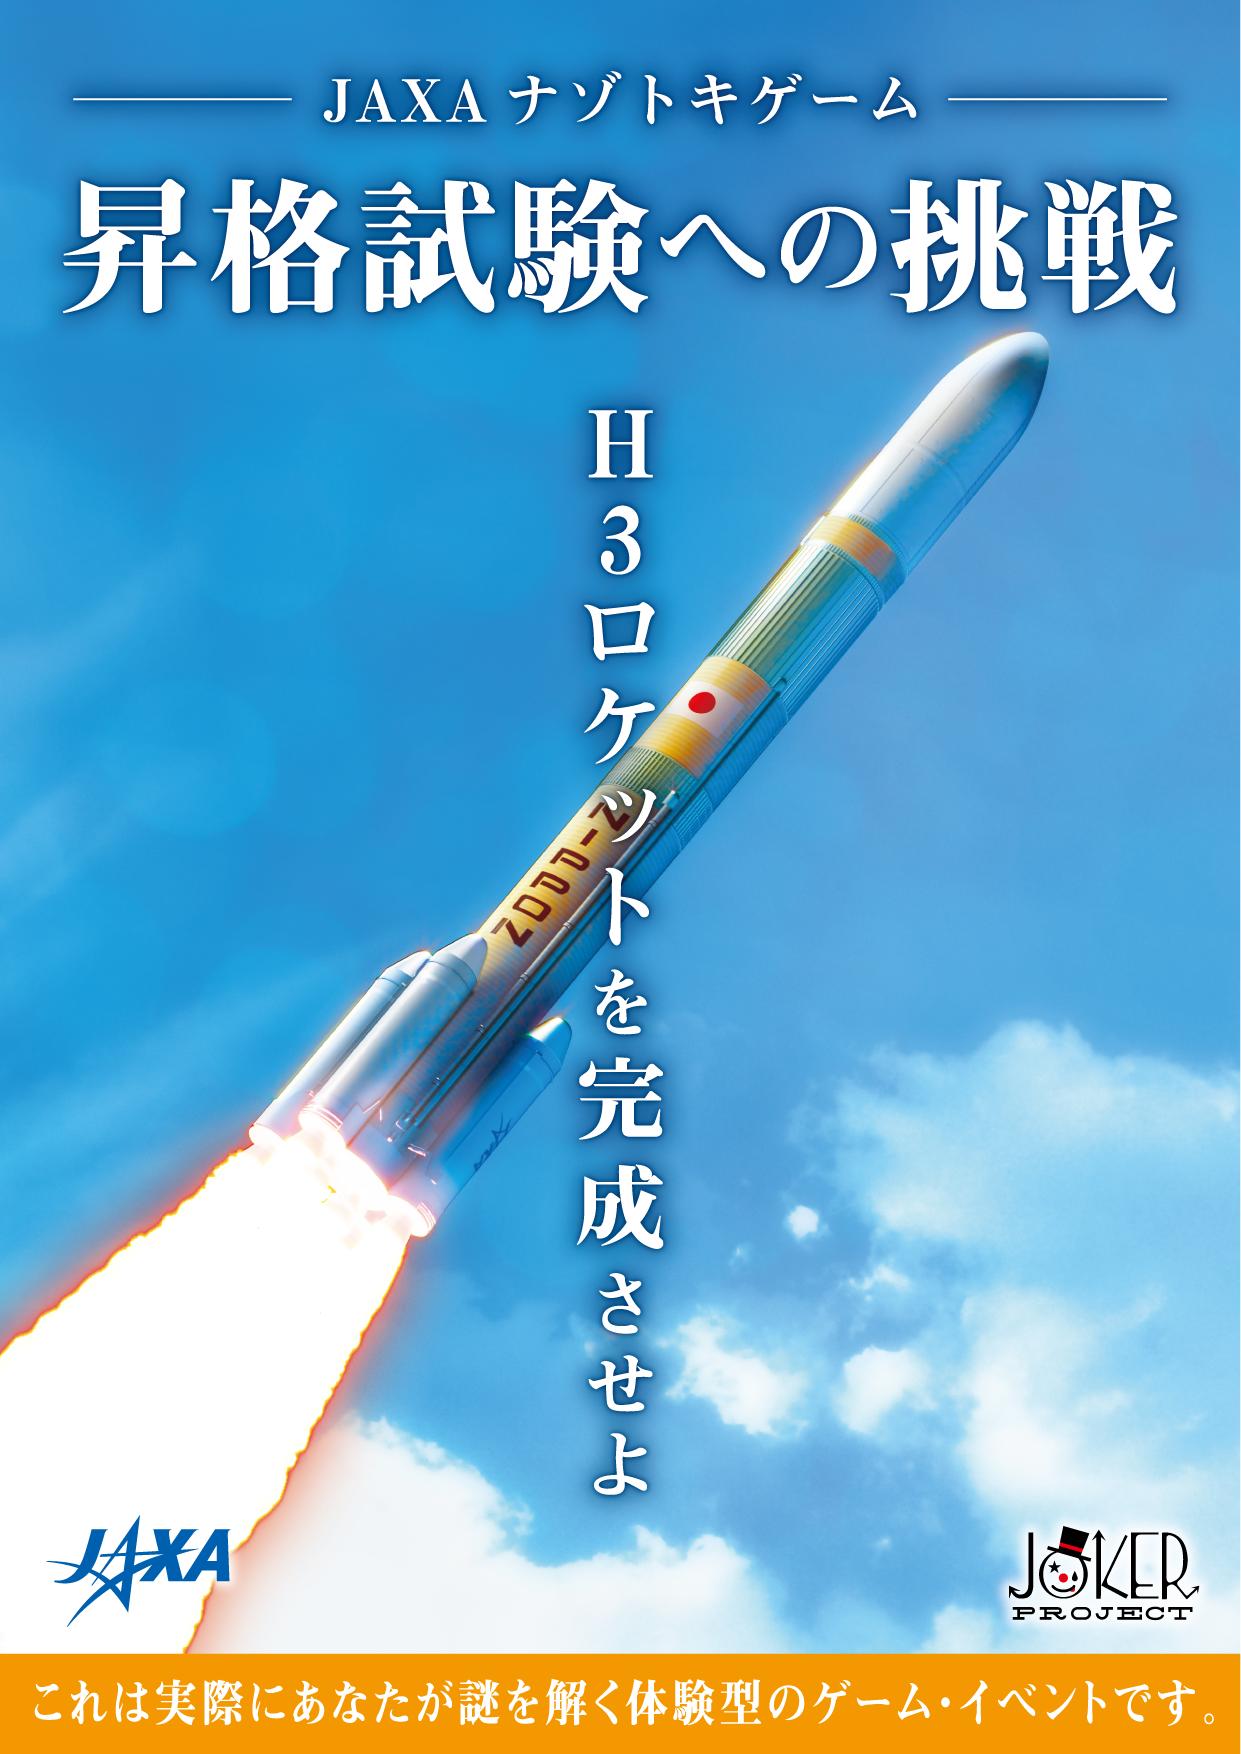 【周遊】昇格試験への挑戦